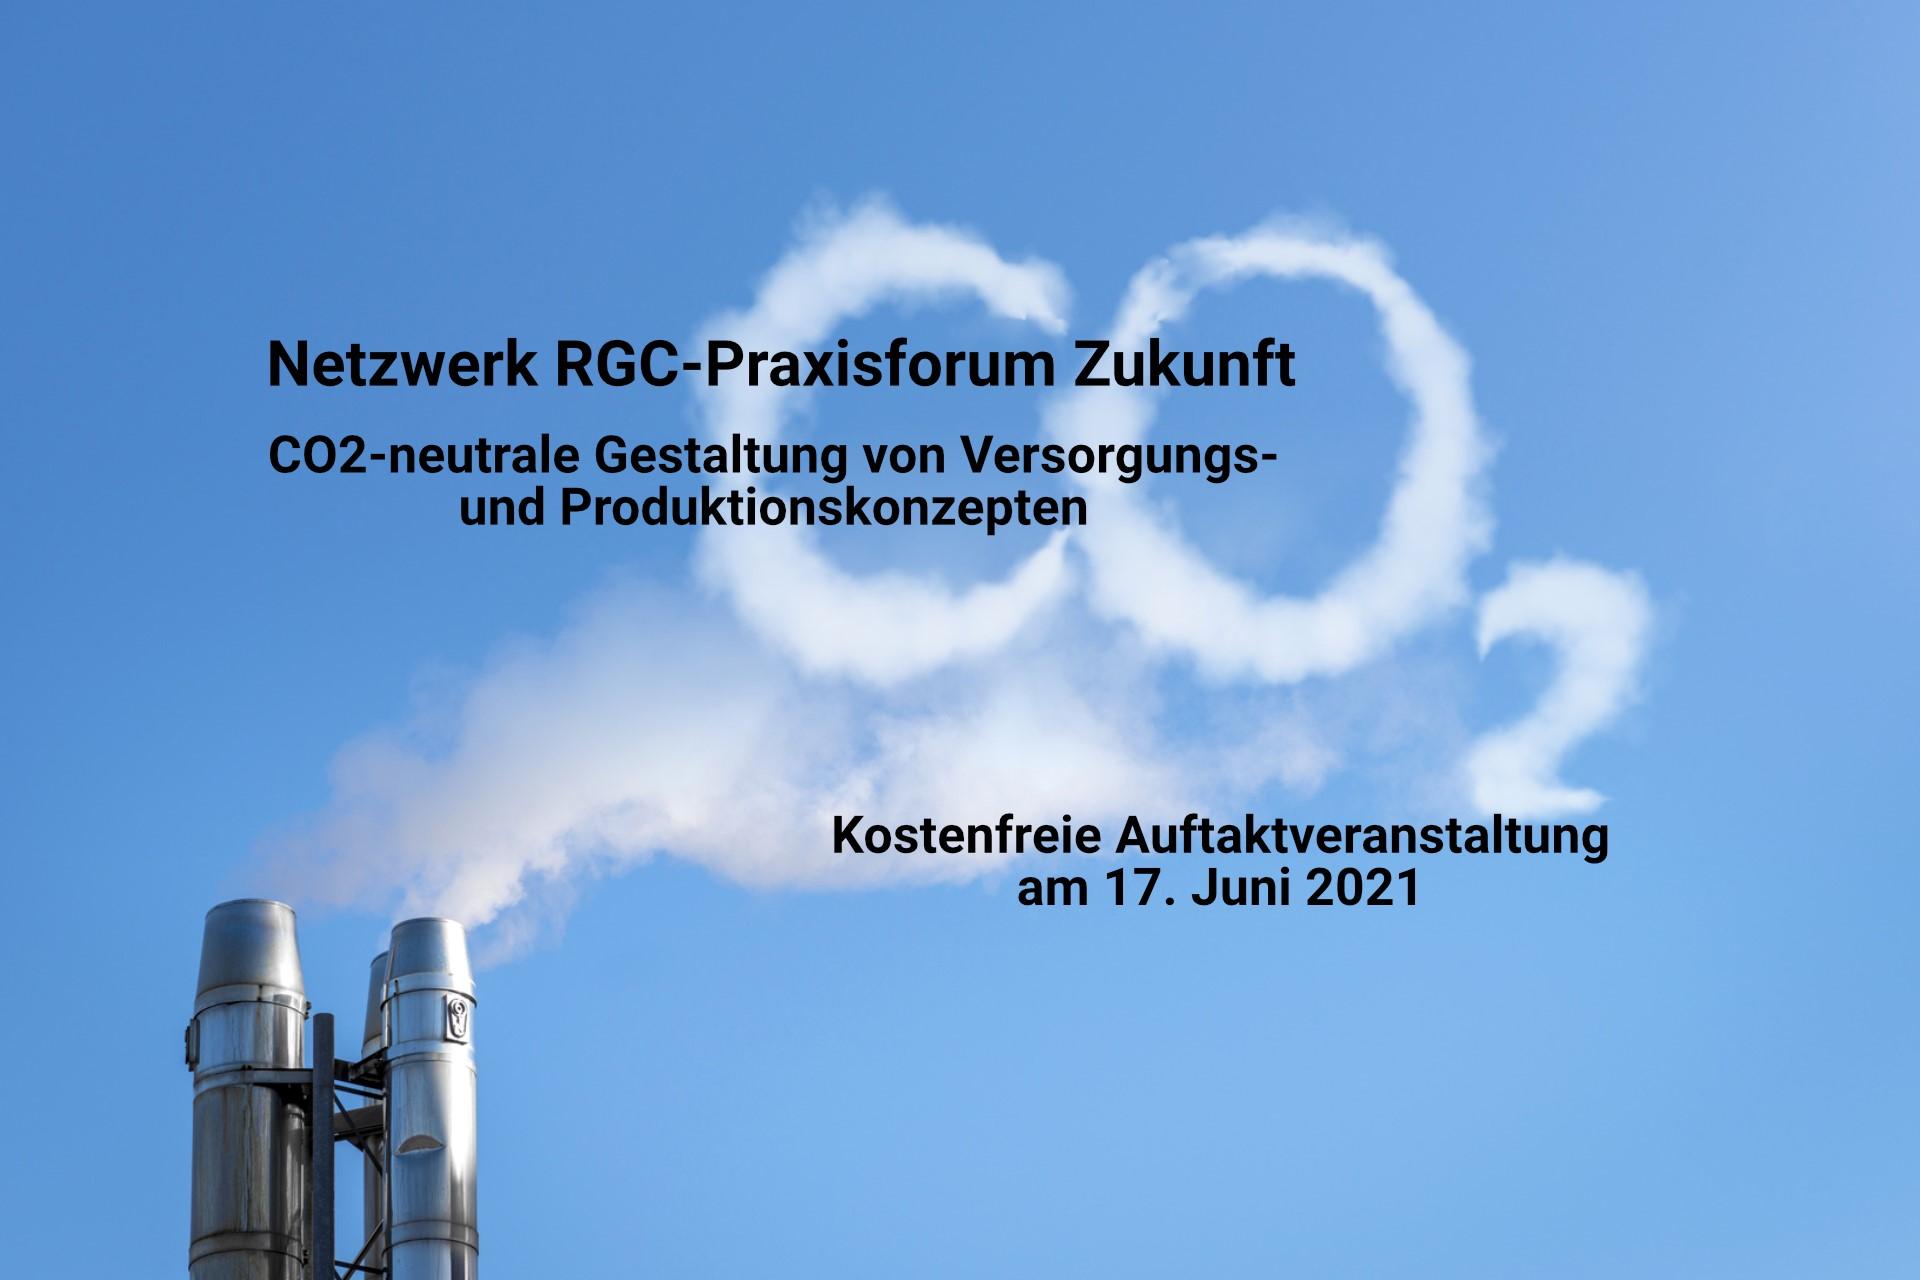 """RGC gründet neues Netzwerk """"RGC-Praxisforum Zukunft: CO2-neutrale Versorgungs- und Produktionskonzepte"""""""